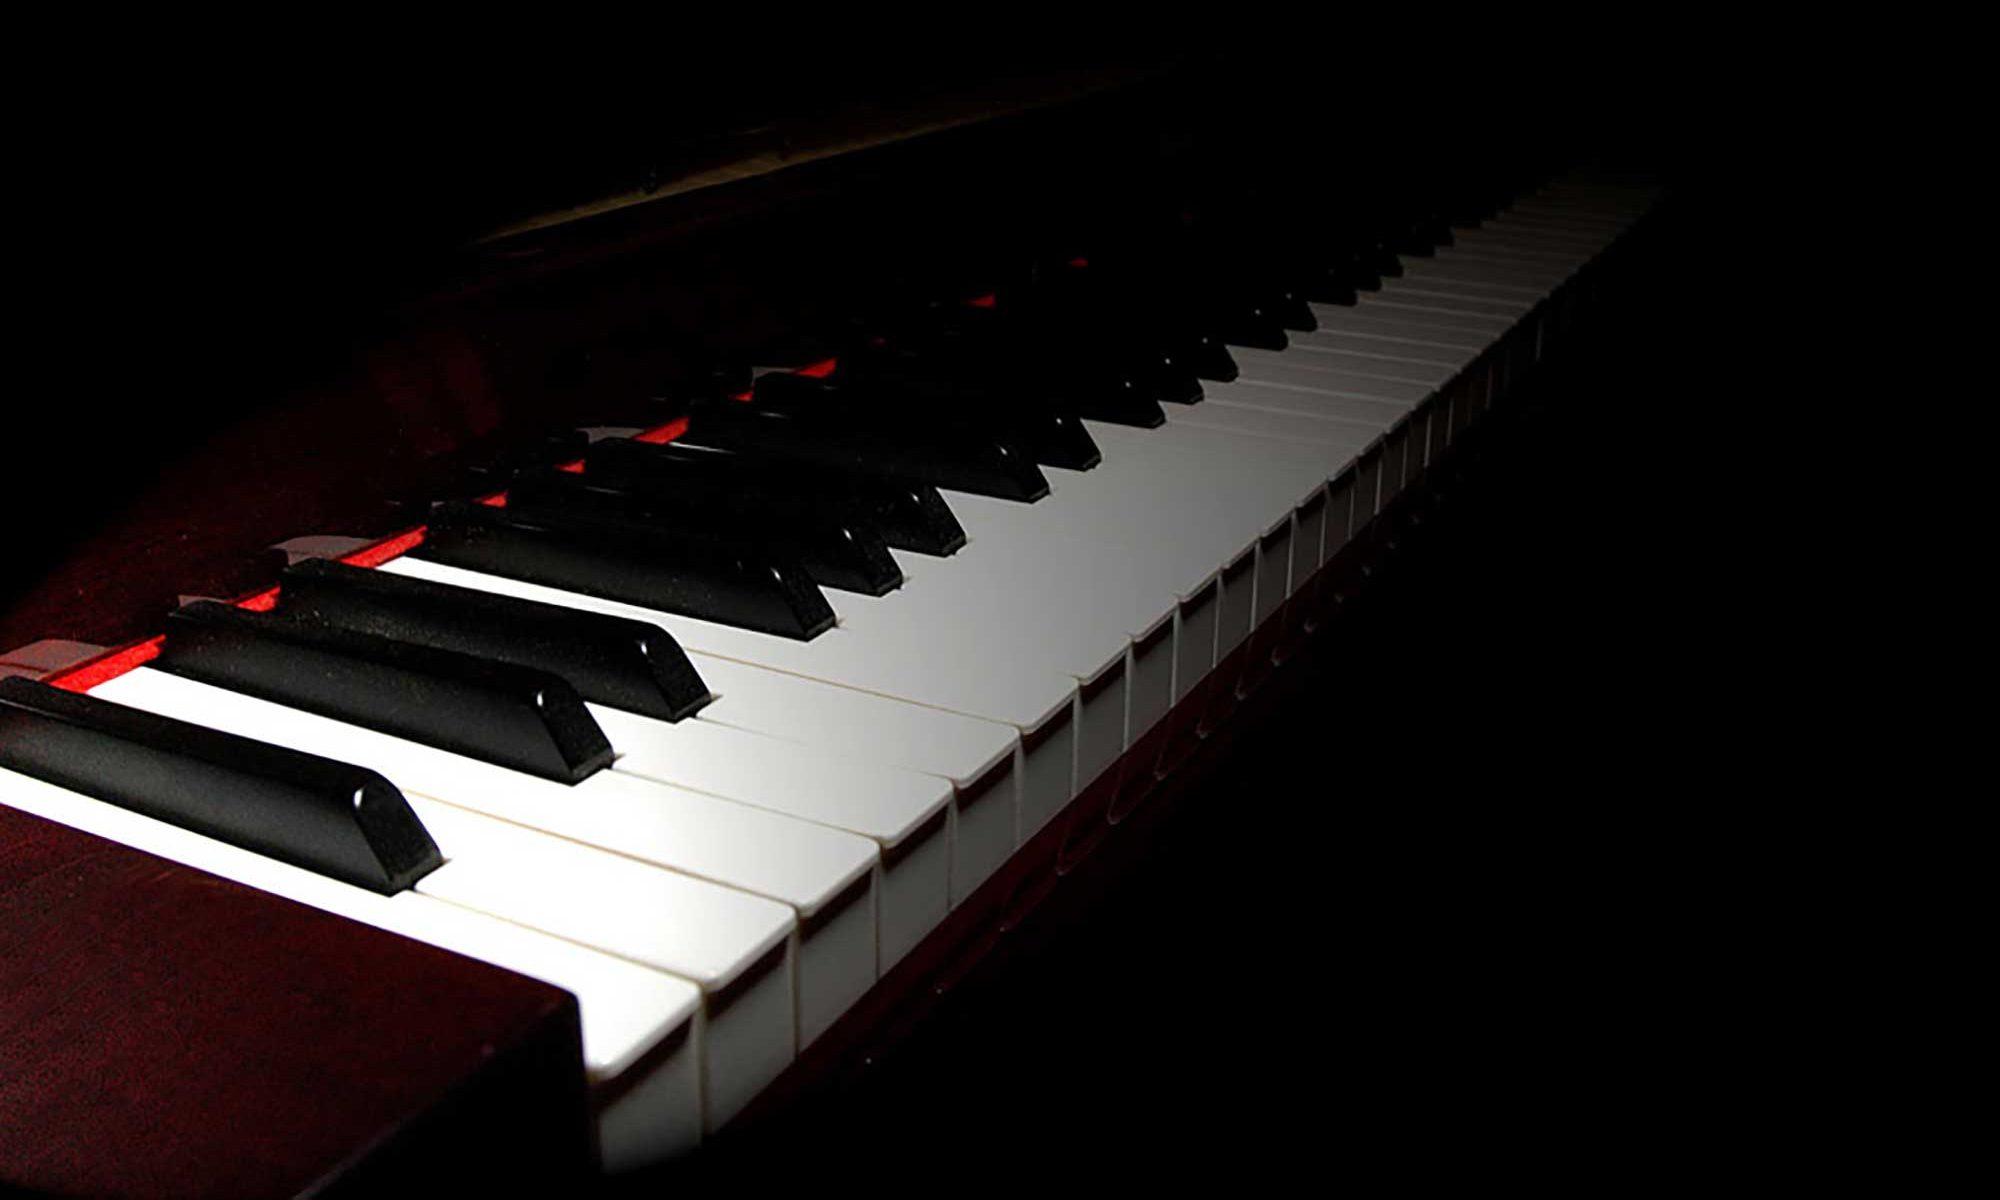 Westminster Pianos